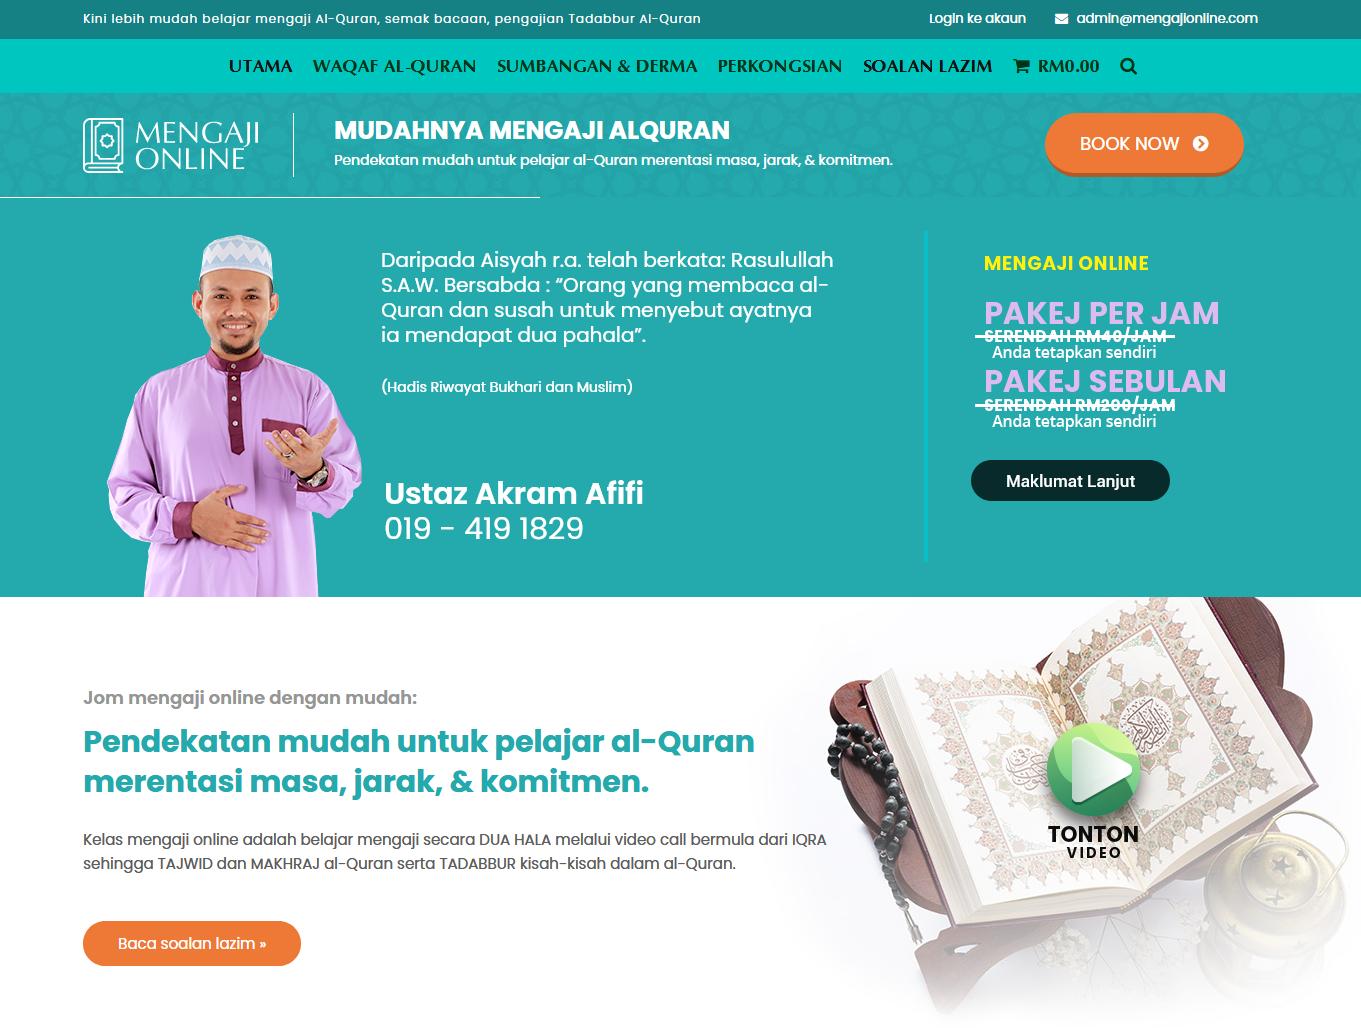 MUDAHNYA MENGAJI ALQURAN Pendekatan mudah untuk pelajar al-Quran merentasi masa, jarak, & komitmen.